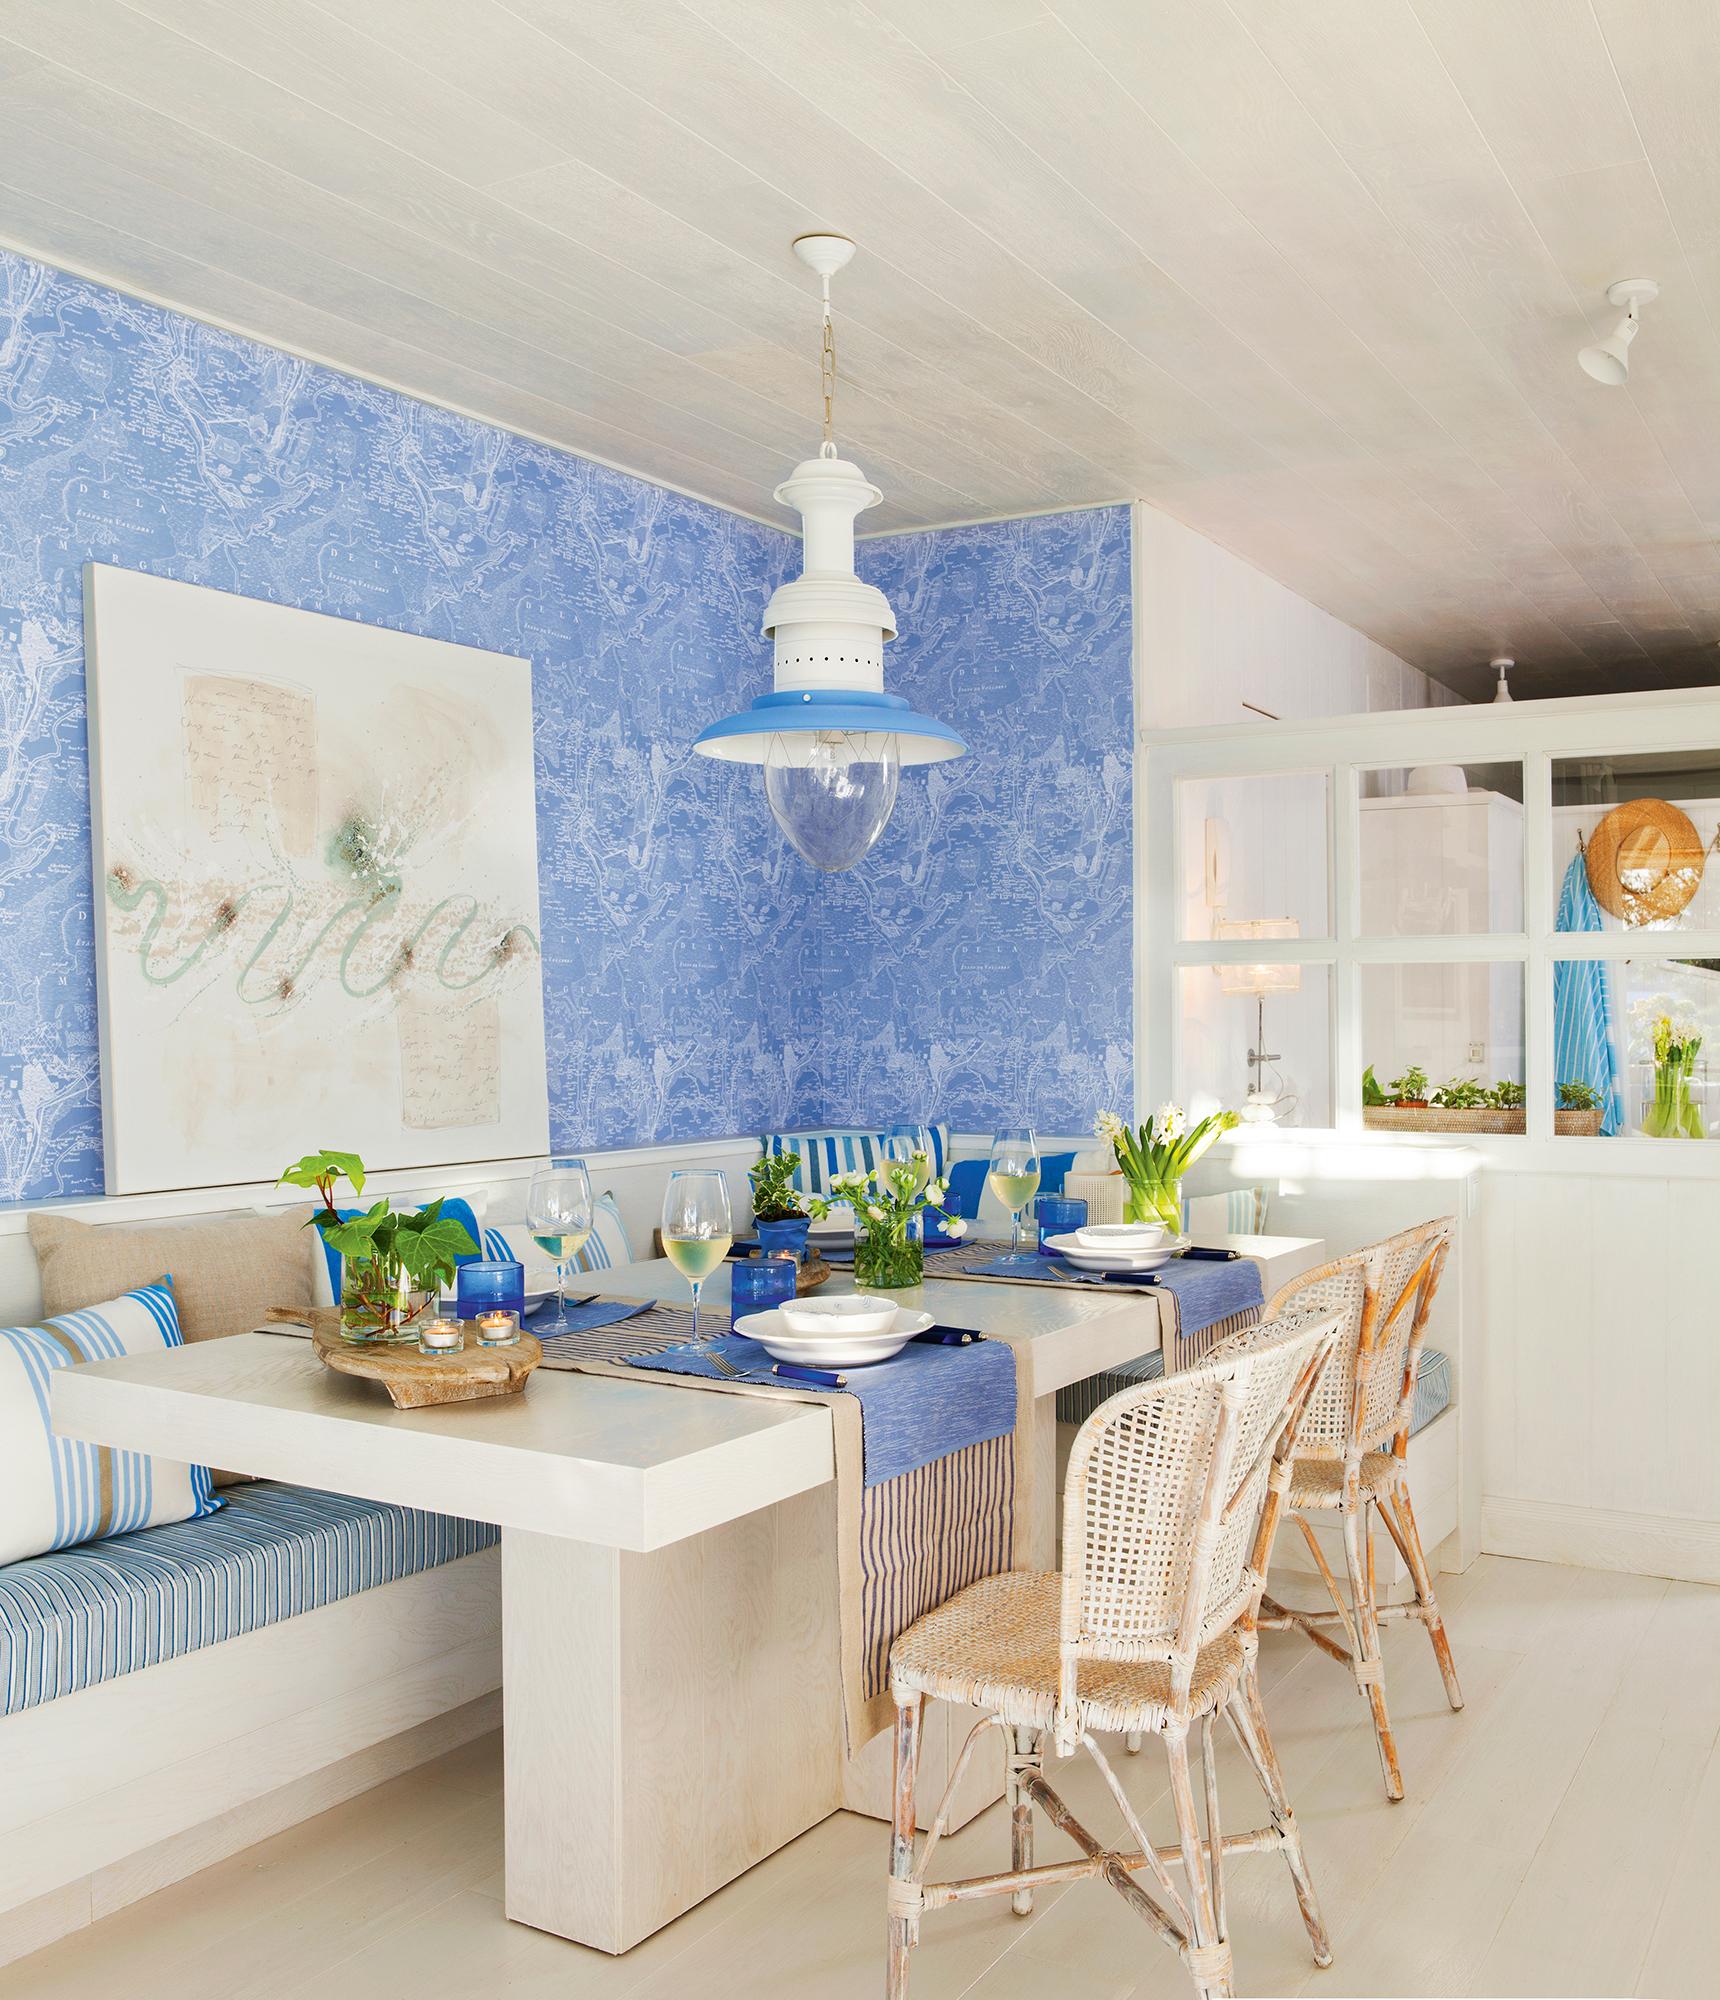 Comedor en blanco y azul con detalles marineros_408092